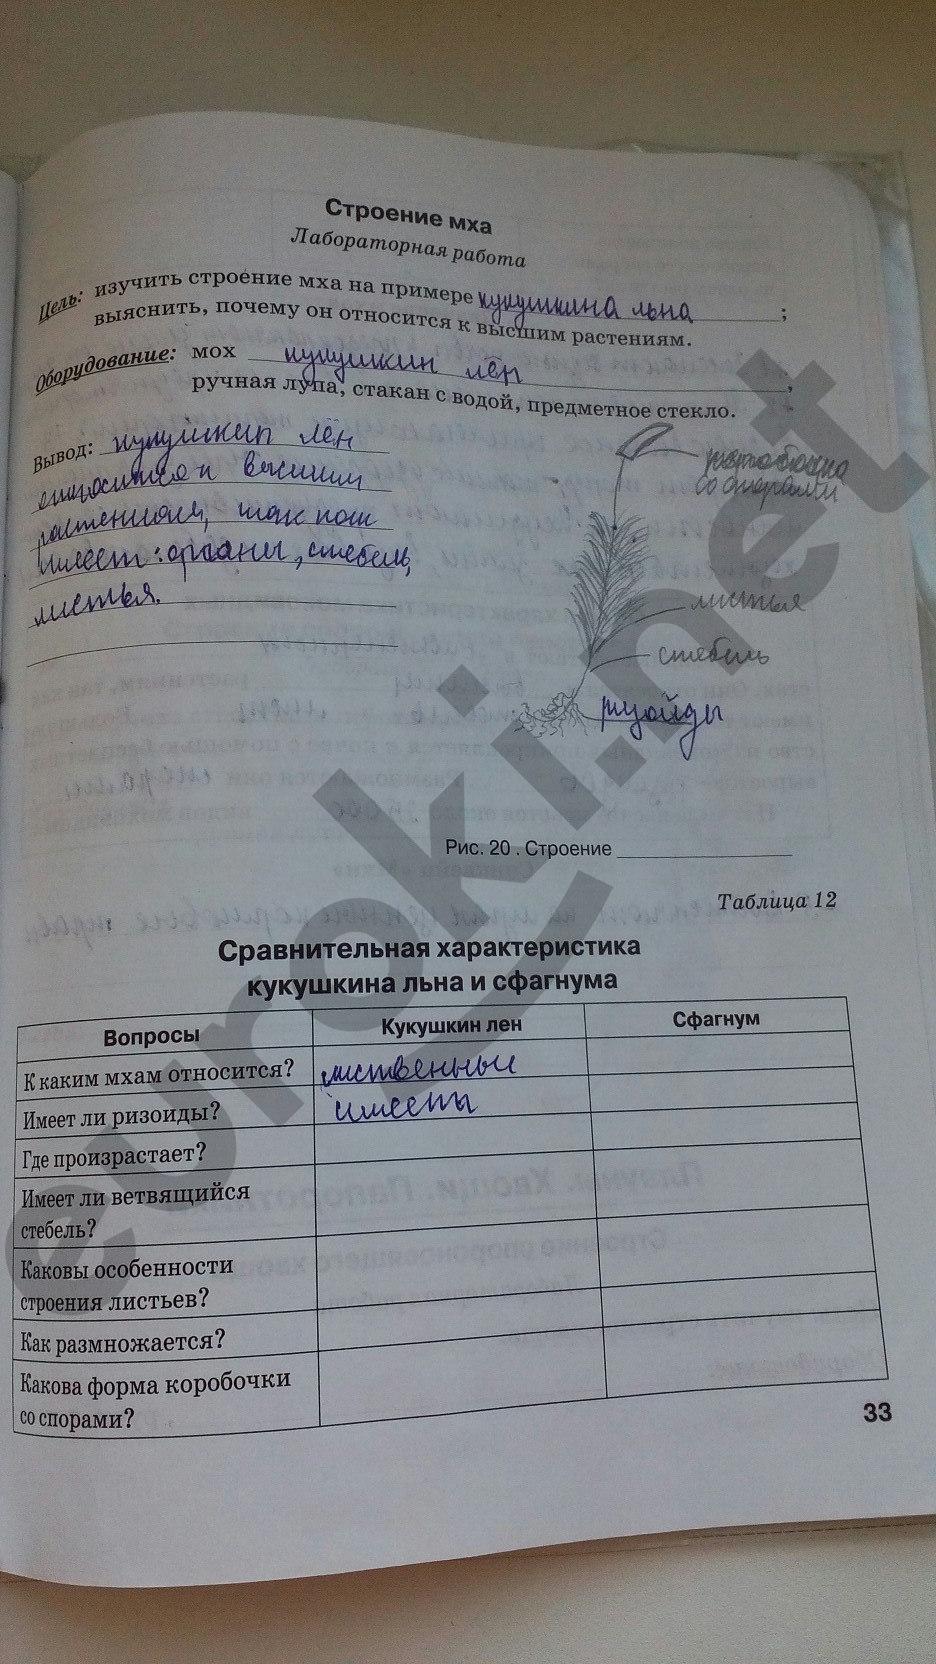 ГДЗ по биологии 5 класс рабочая тетрадь Бодрова. Задание: стр. 33